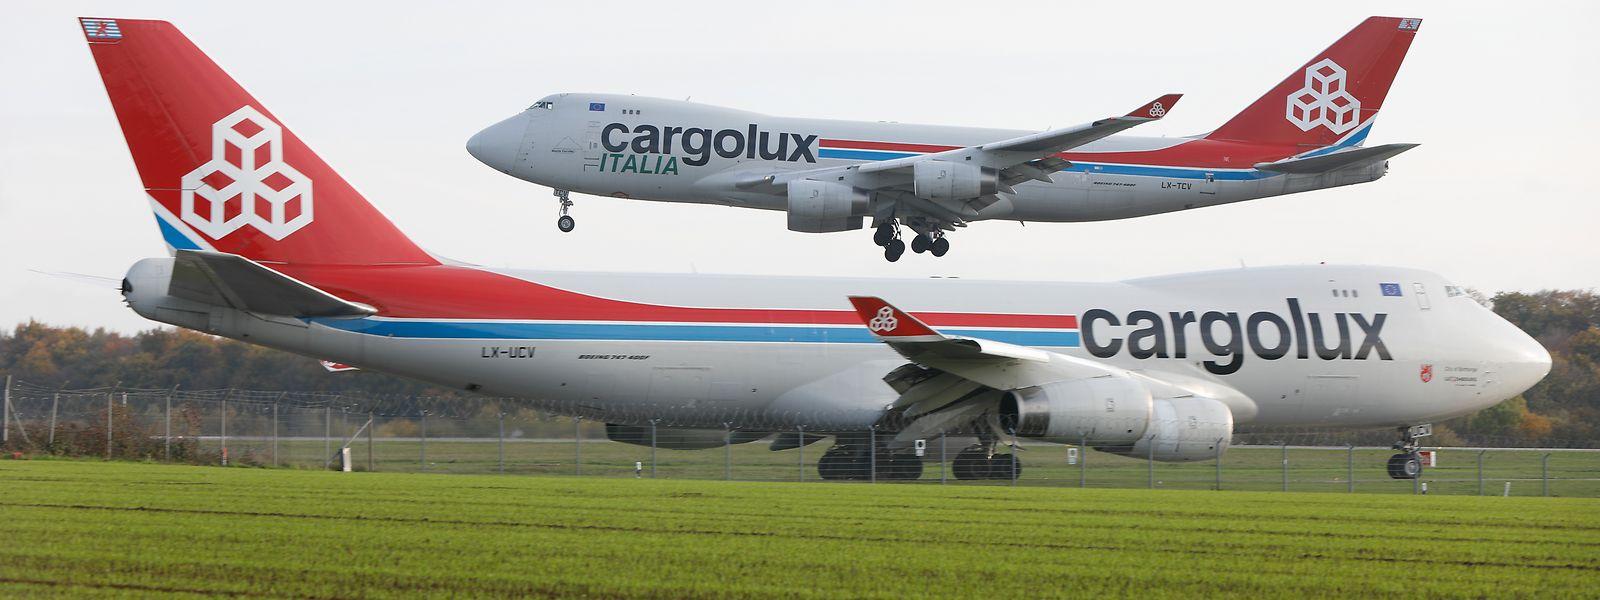 Depuis le 1er mars, le contrôle aérien luxembourgeois a veillé sur plus de 1.780 vols de fret.